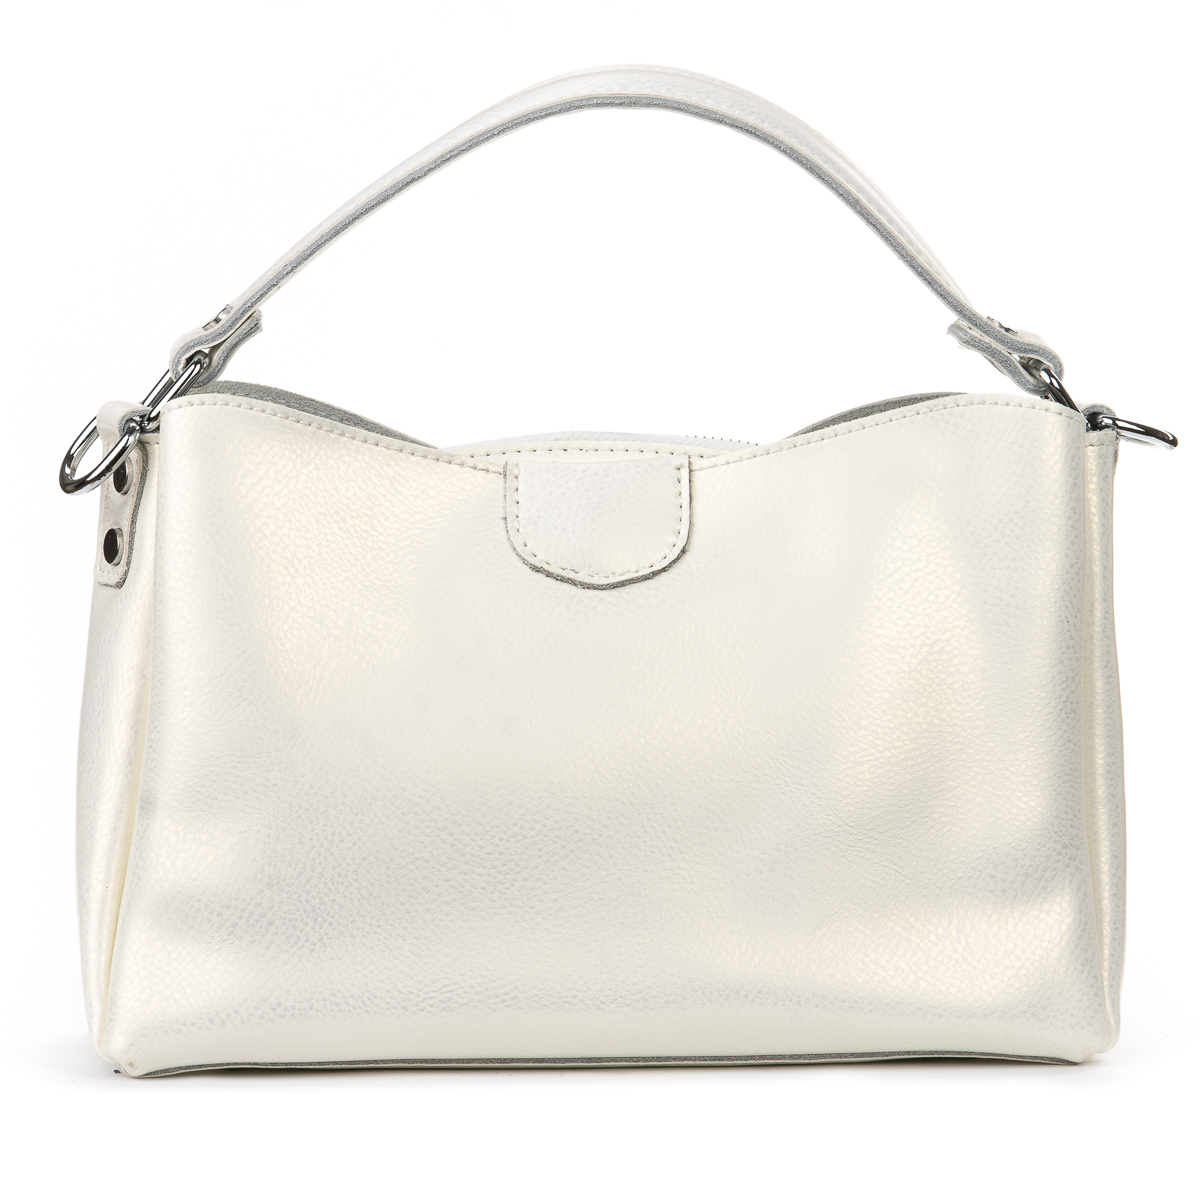 Сумка Женская Классическая кожа ALEX RAI 06-1 1383 pearl-white